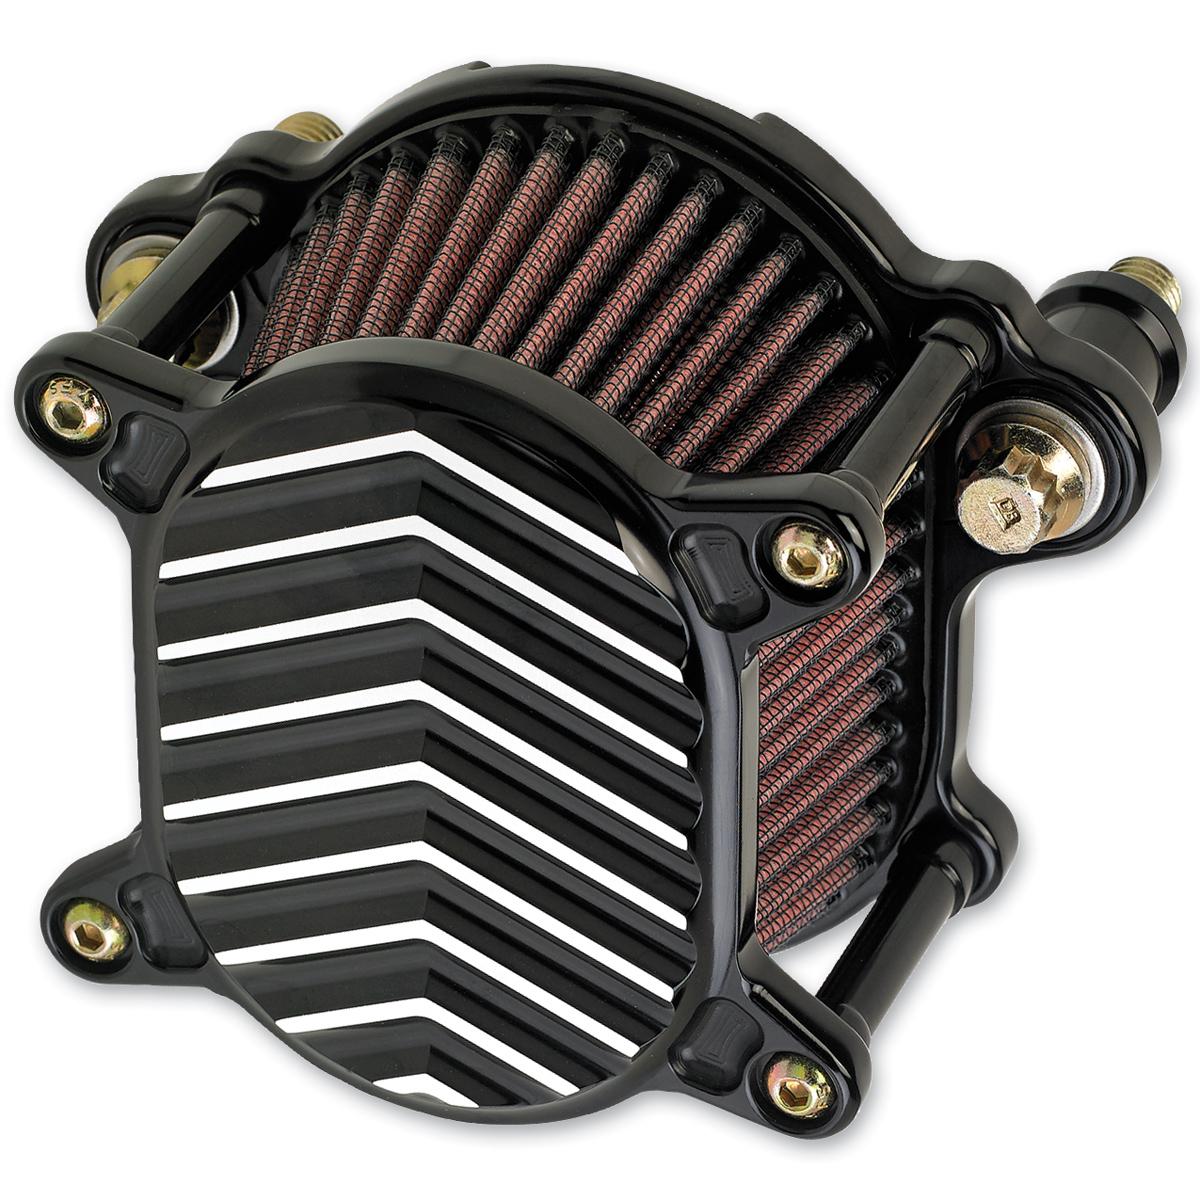 Joker Machine Omega Air Cleaner V Fin Black Chrome